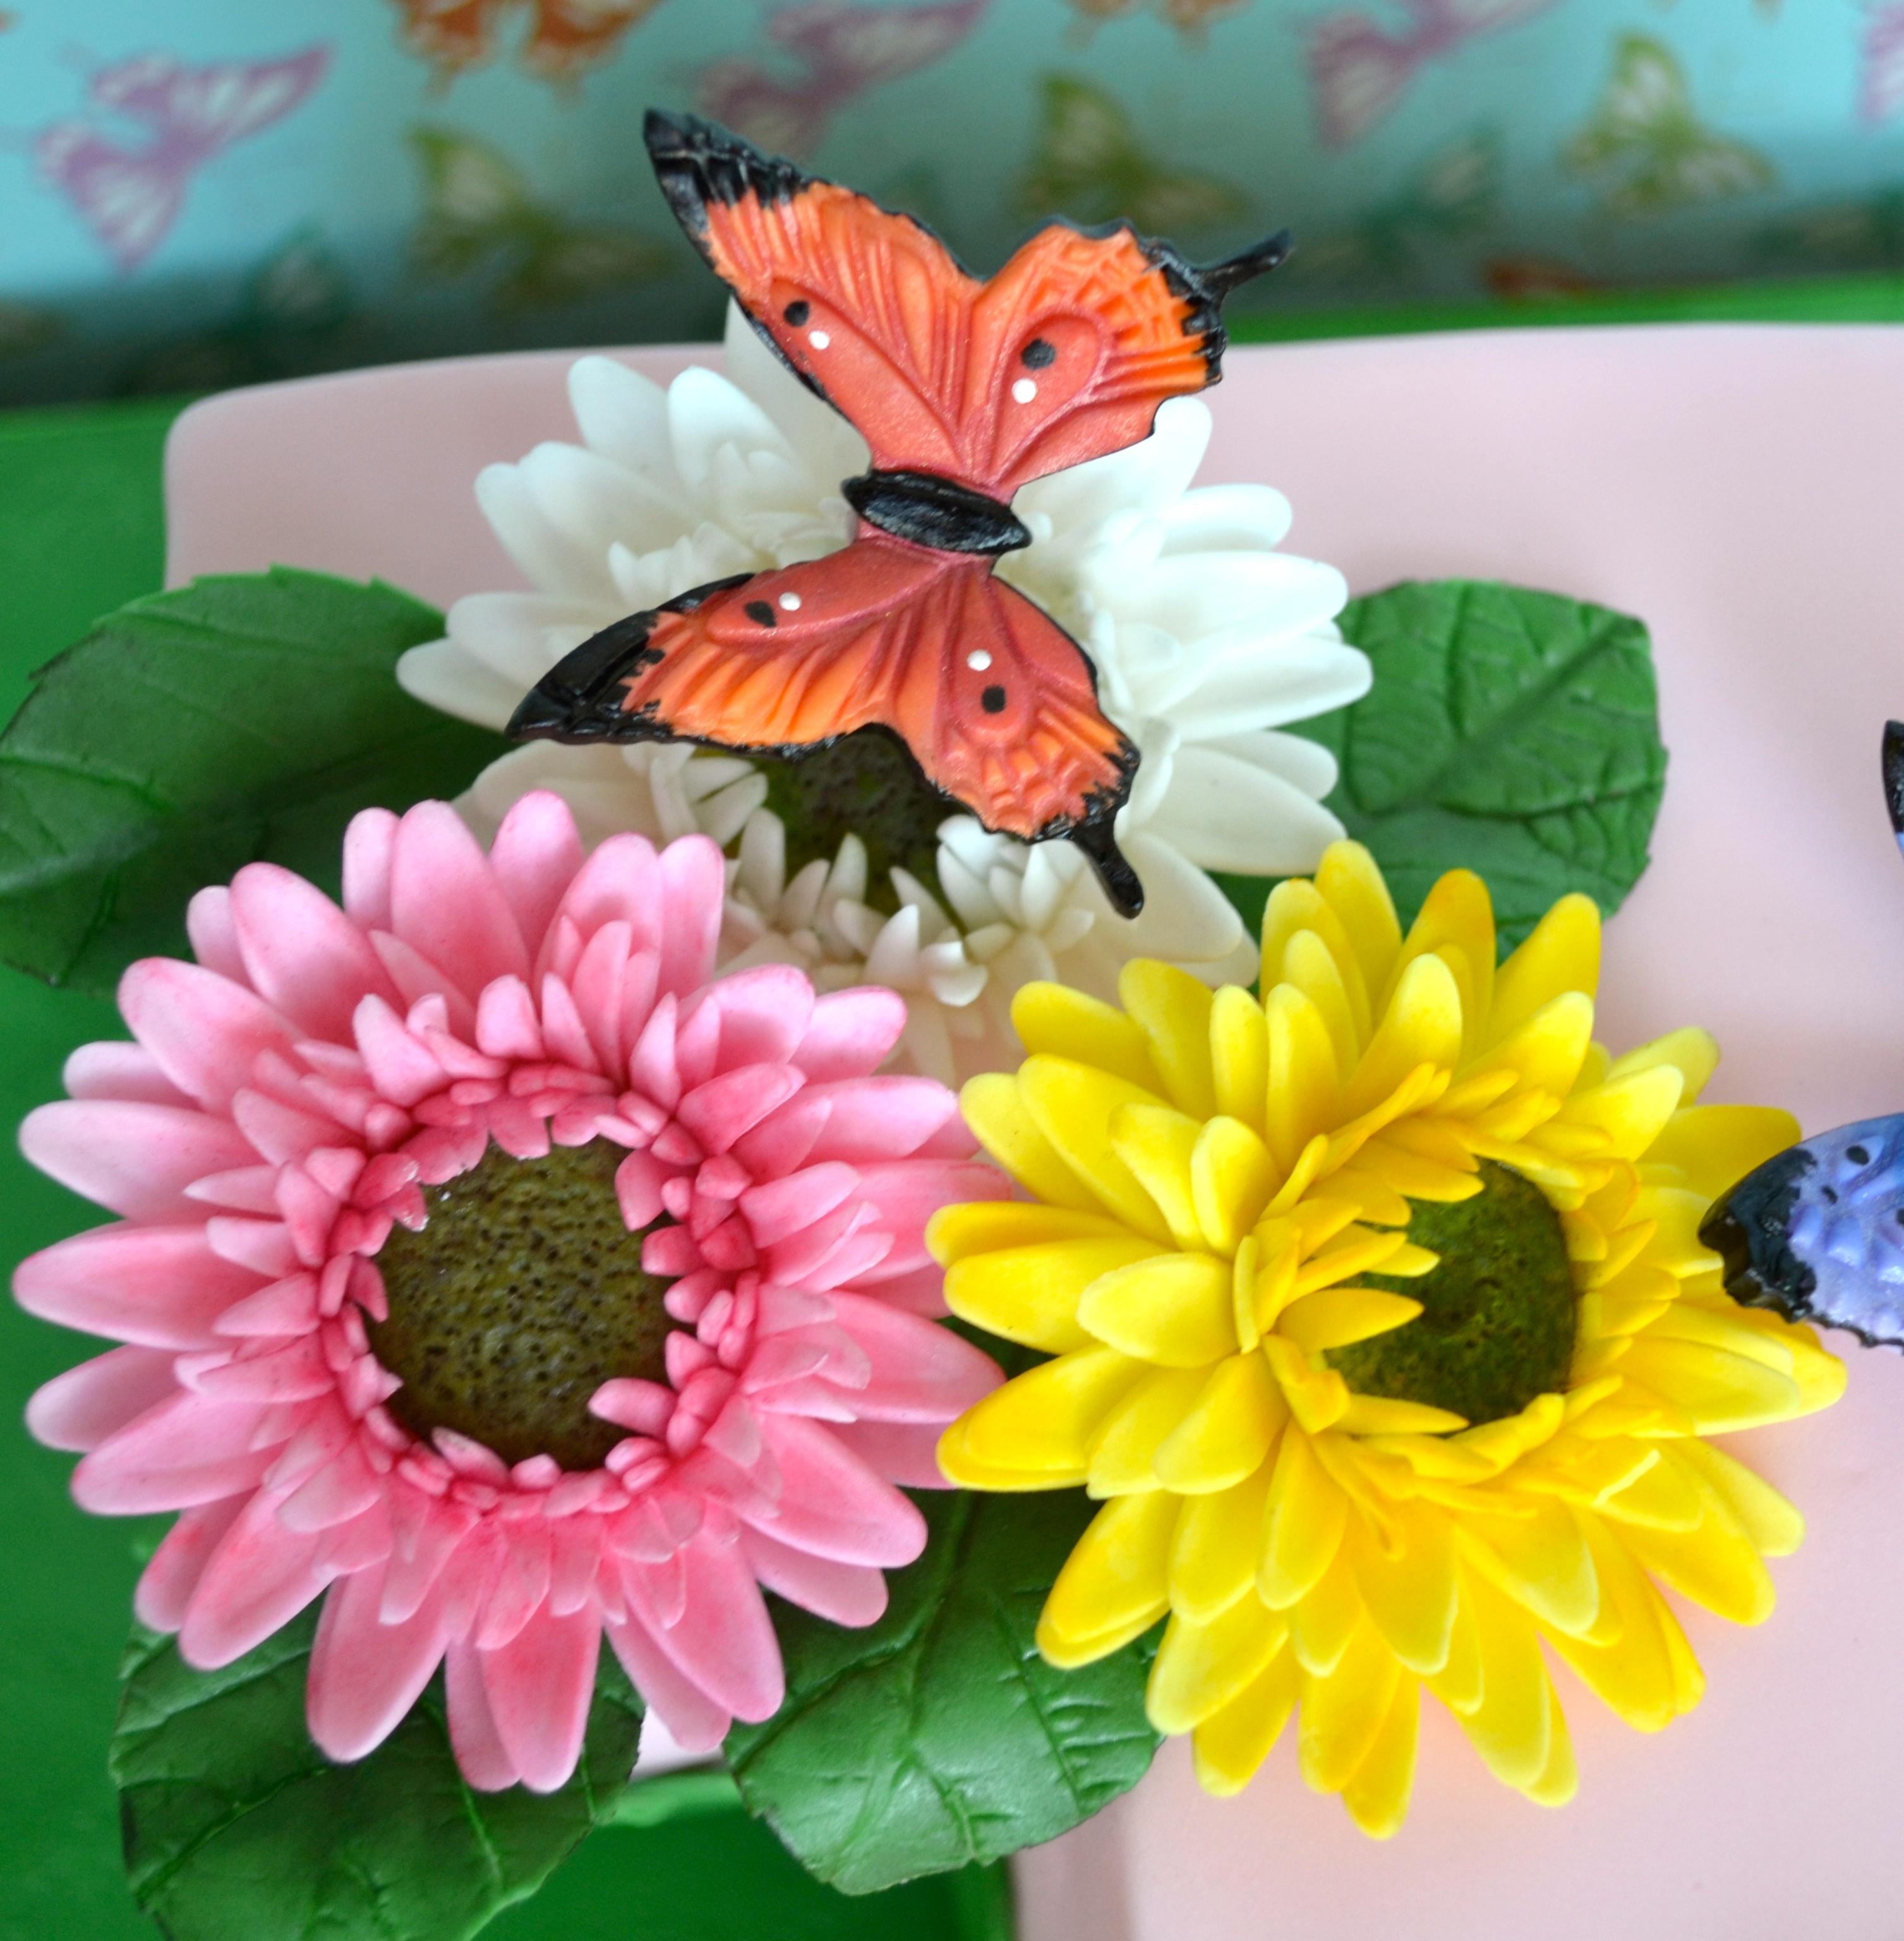 Gerber Daisies and Butterflies